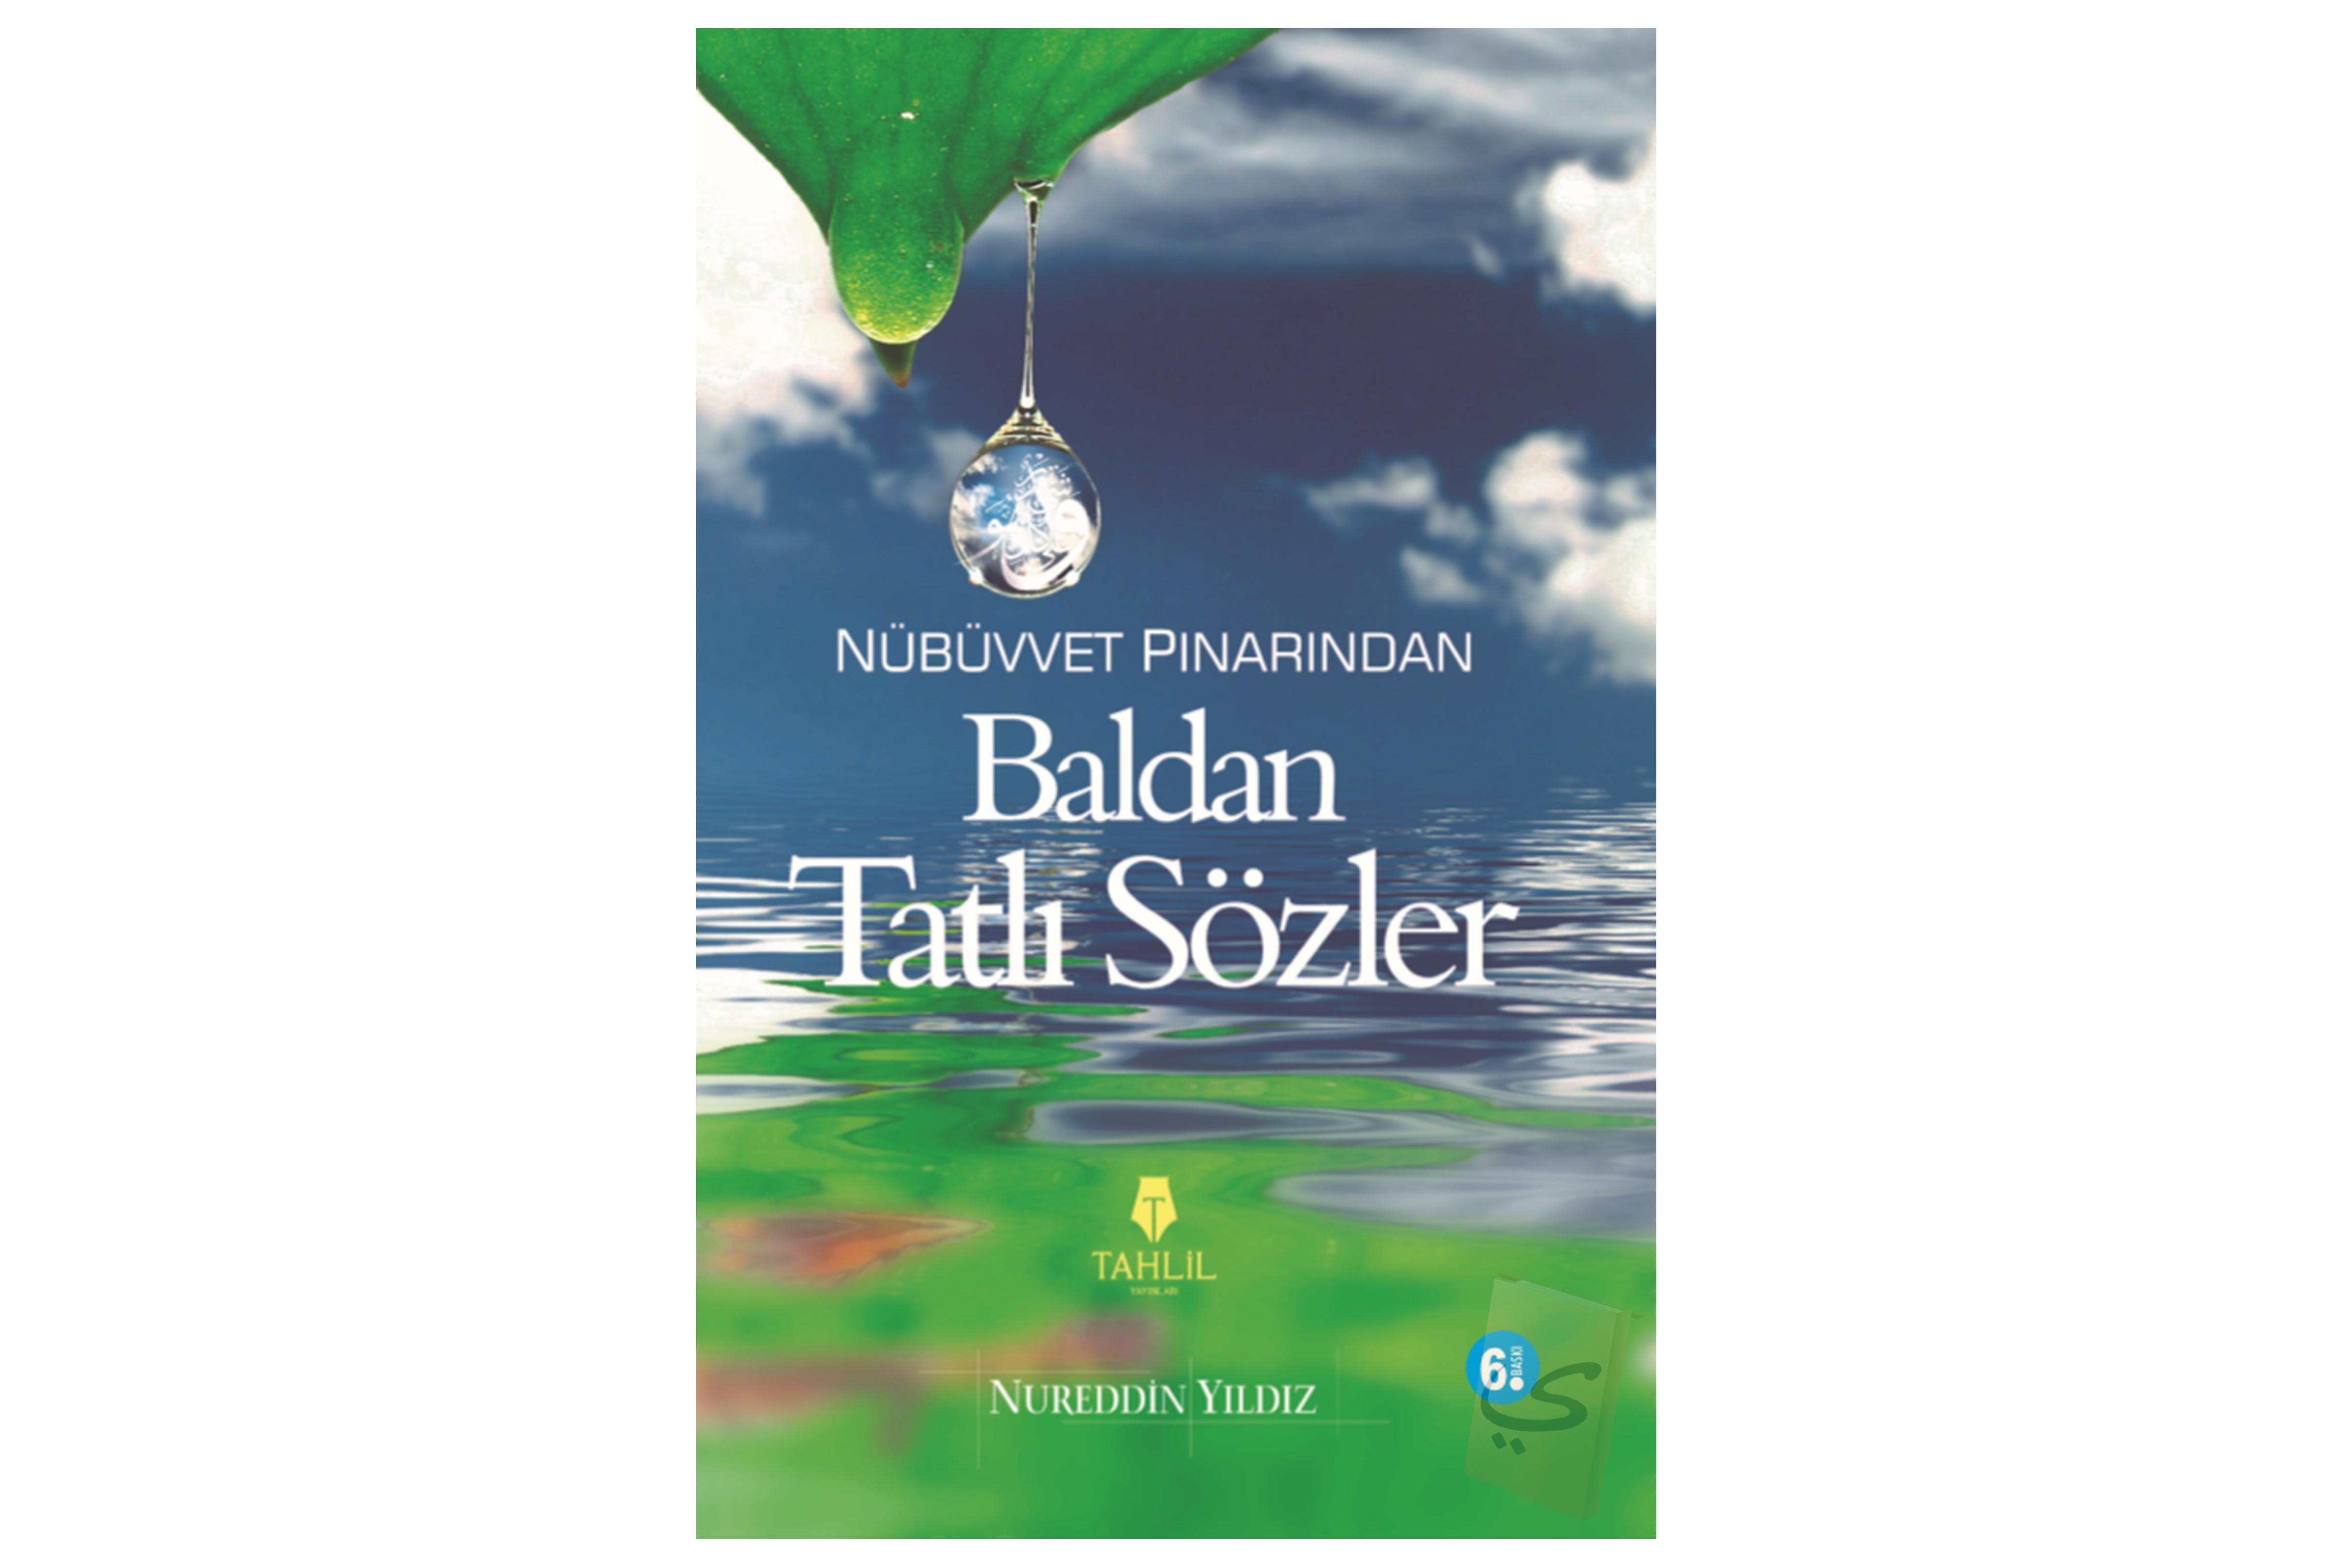 Nübüvvet Pınarından Baldan Tatlı Sözler